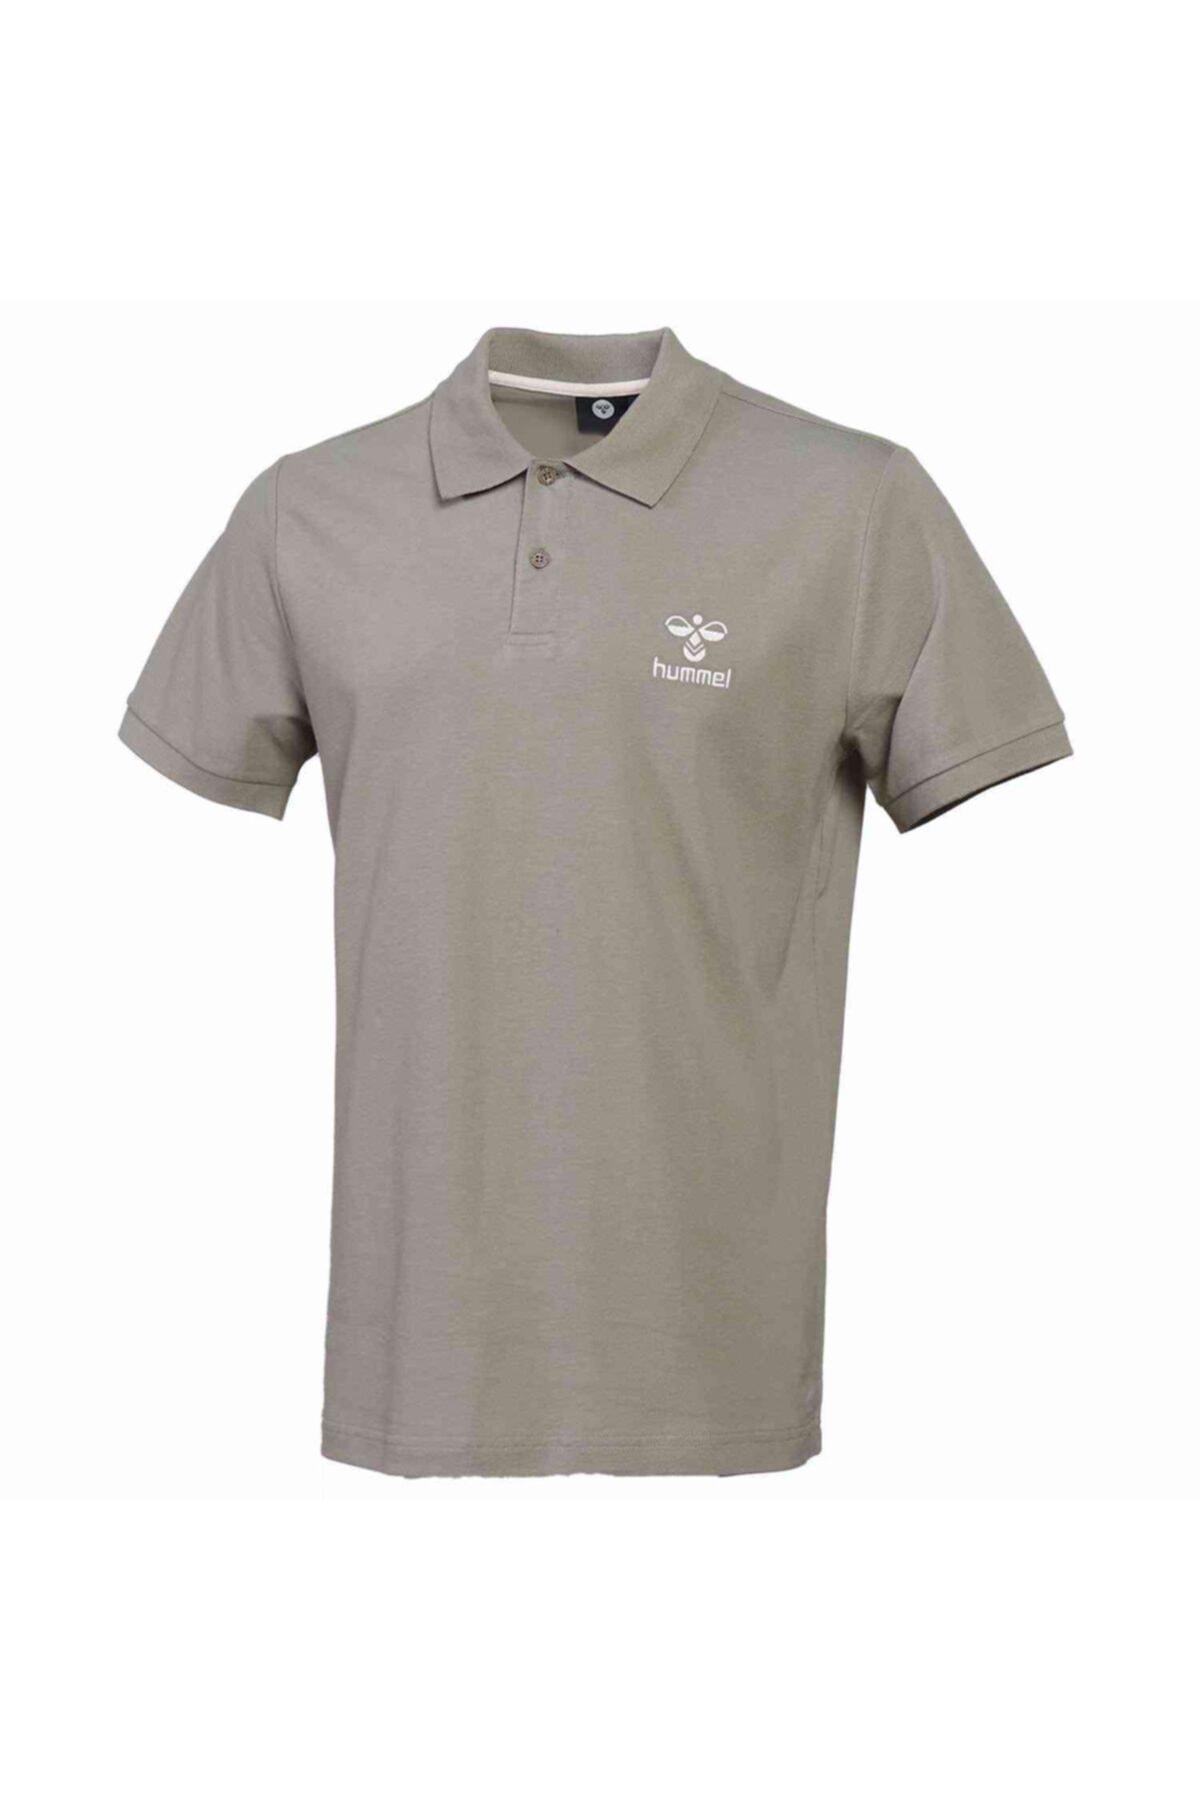 HUMMEL HMLLEON POLO T-SHIRT S/S Beyaz Erkek T-Shirt 101086237 1